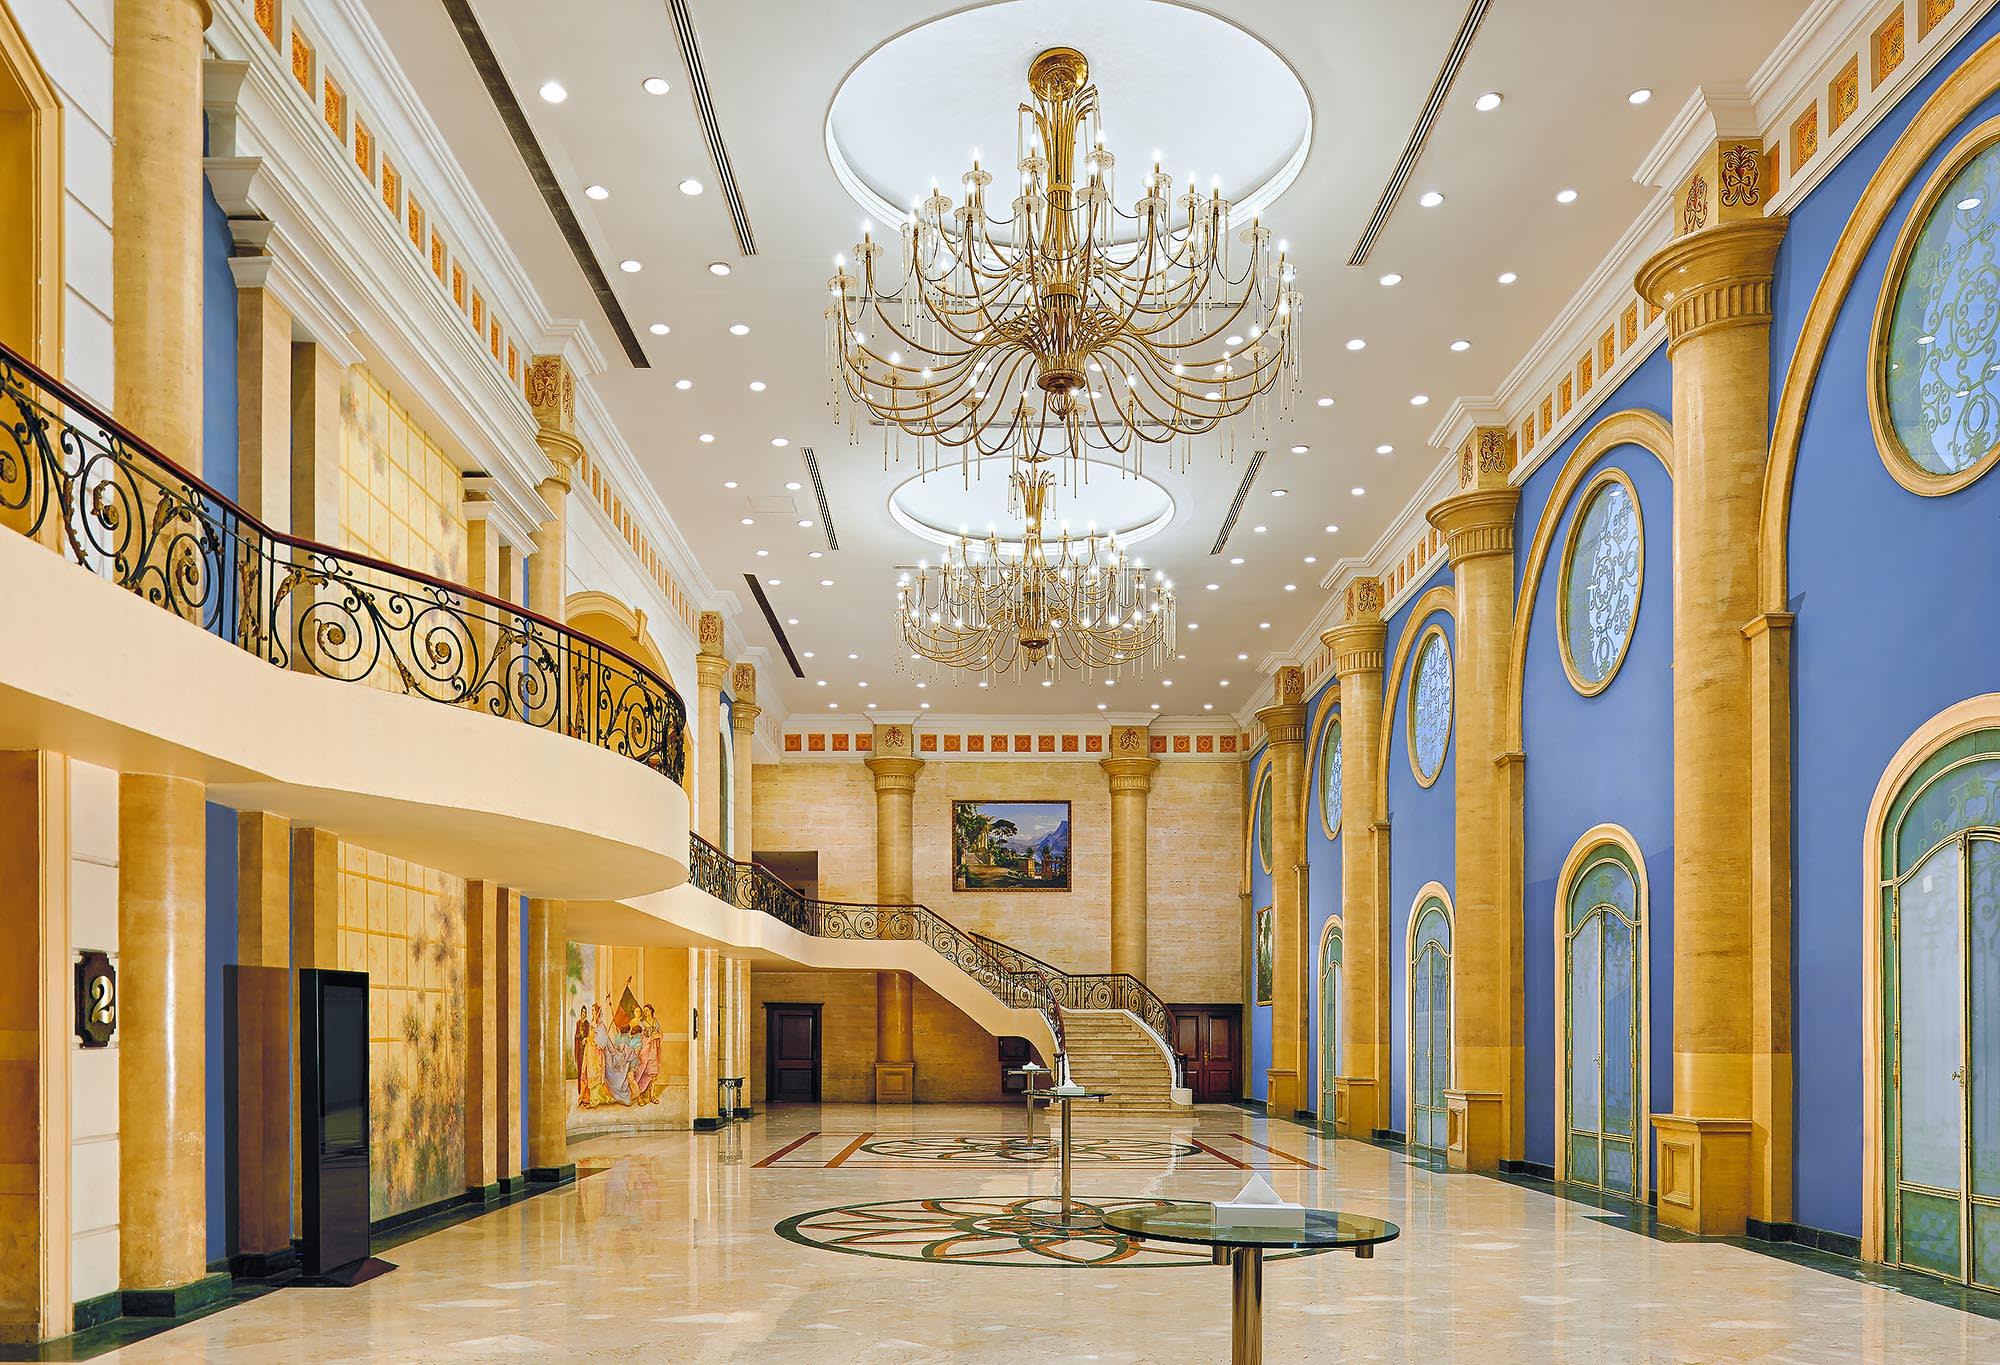 Hilton Alexandria Green Plaza - Al Zahraa Ballroom Foyer